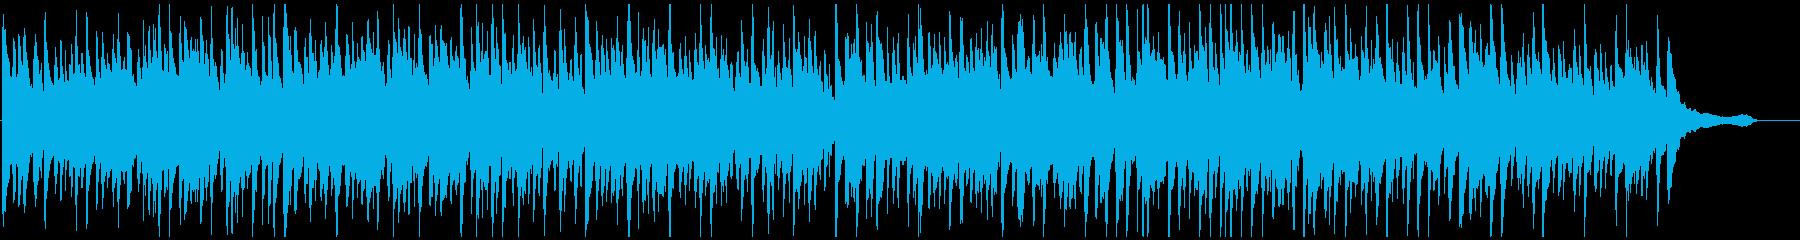 ハワイの海の雰囲気 テナーウクレレ生演奏の再生済みの波形